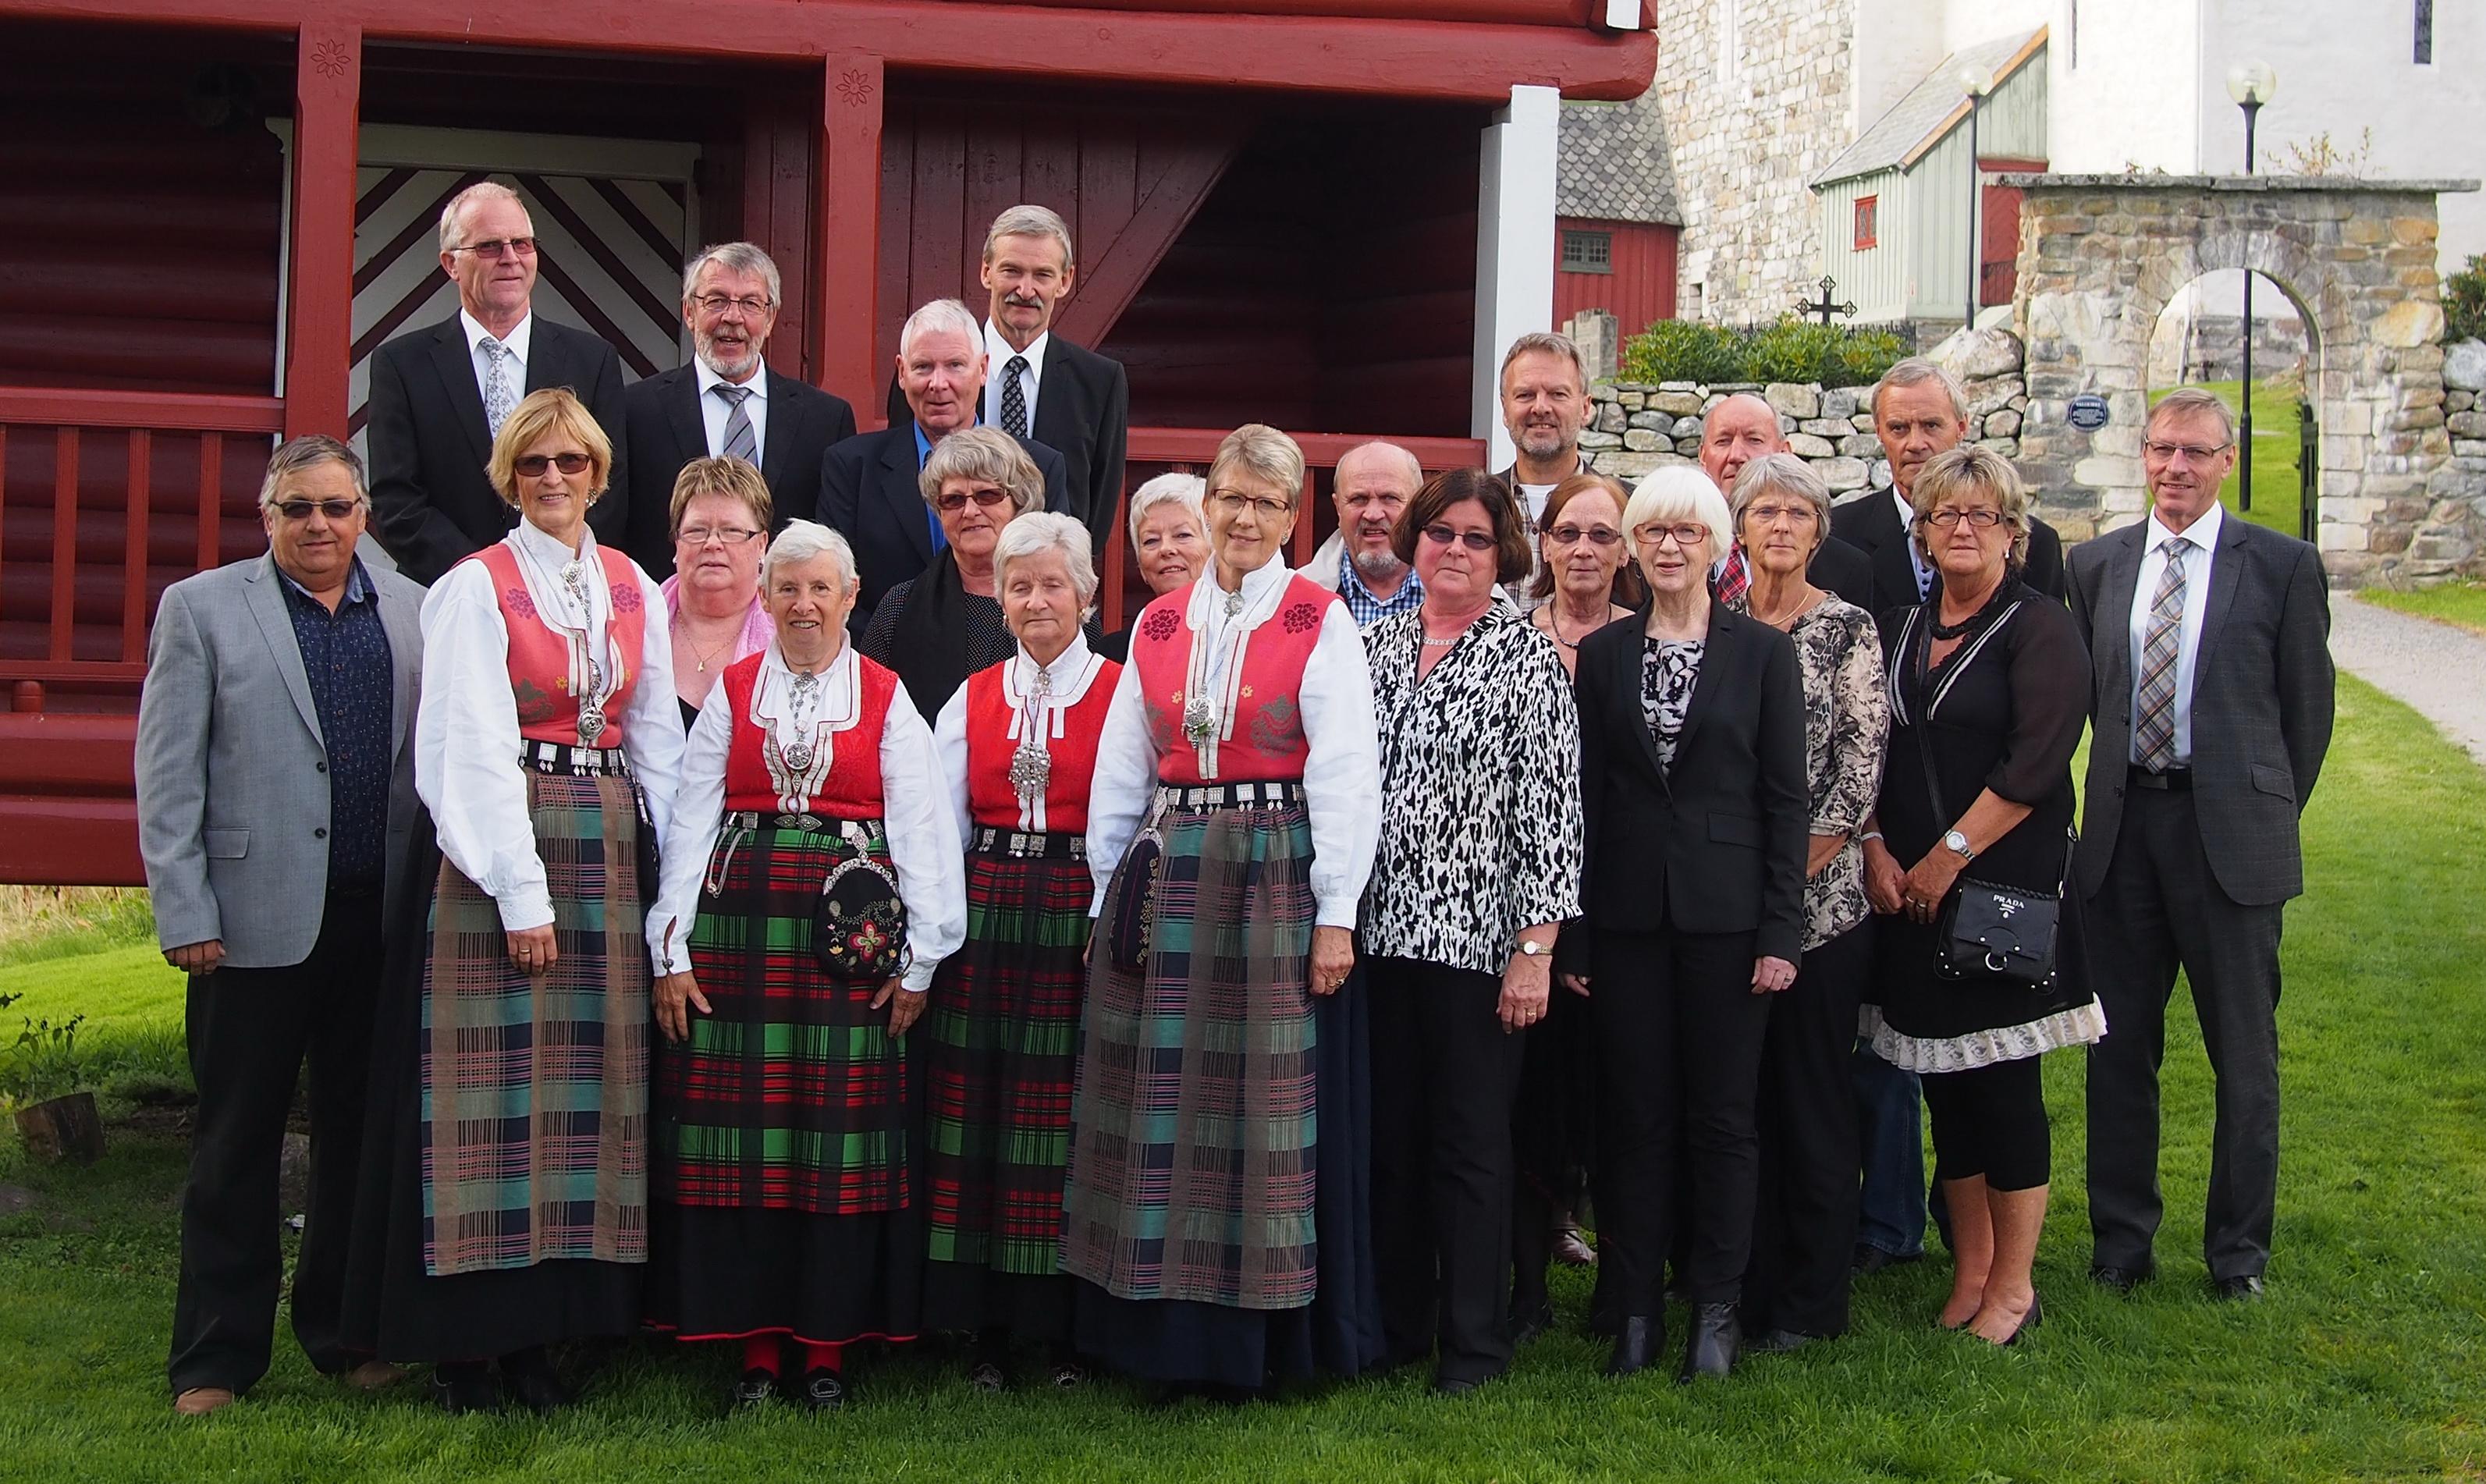 2014-09-14 50-års konfirmante påTingvoll-1